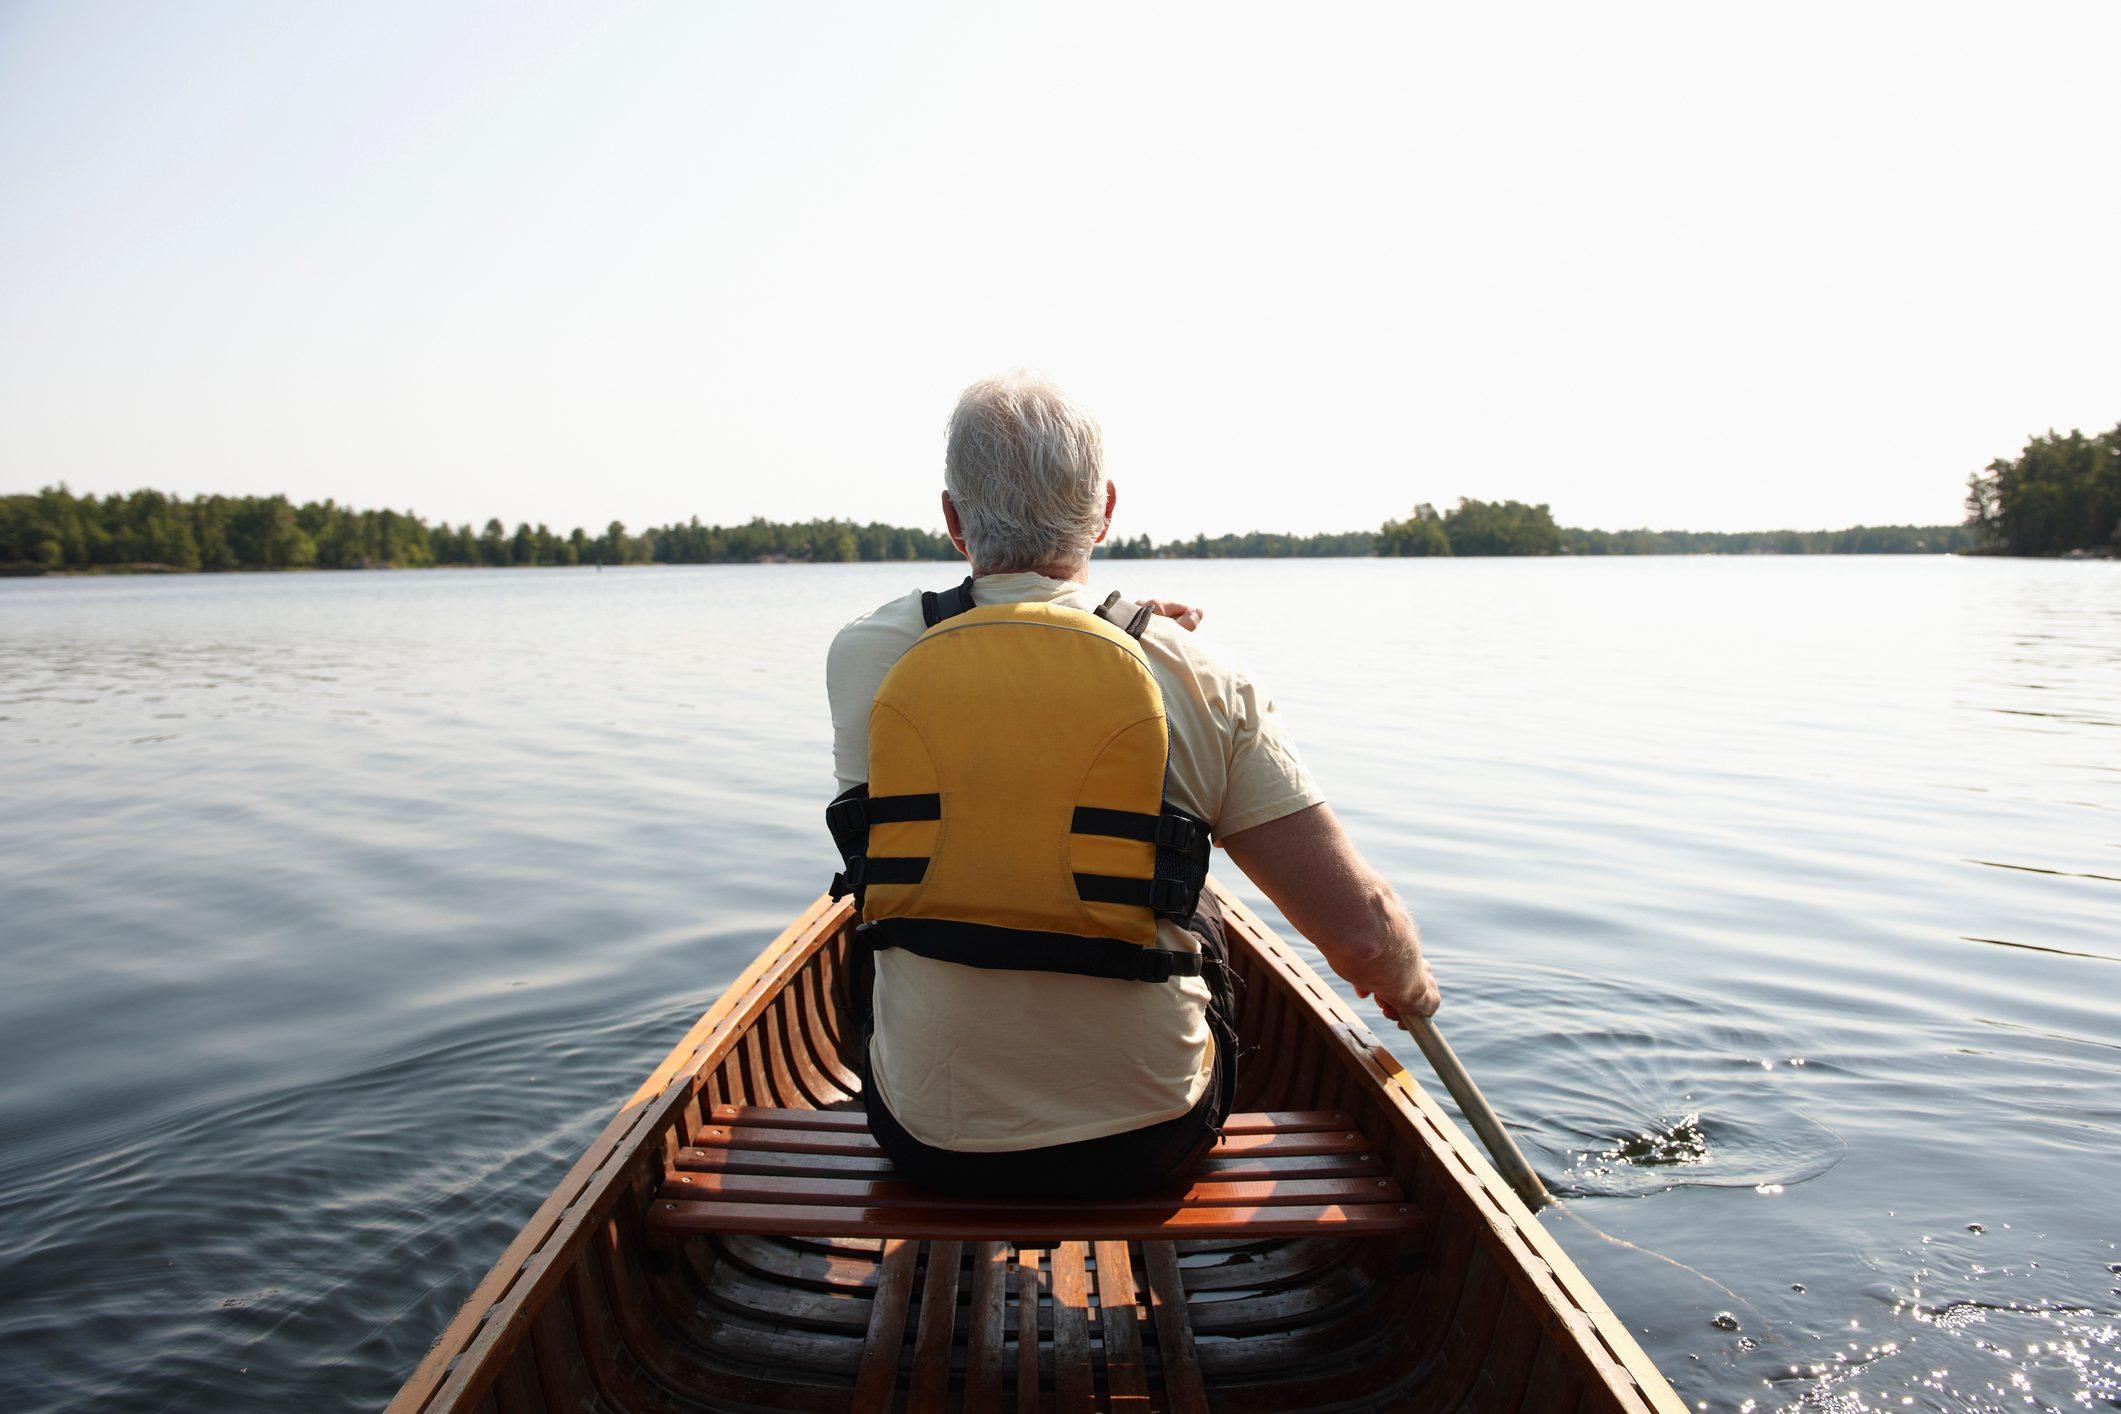 Man Paddling Canoe, Backview